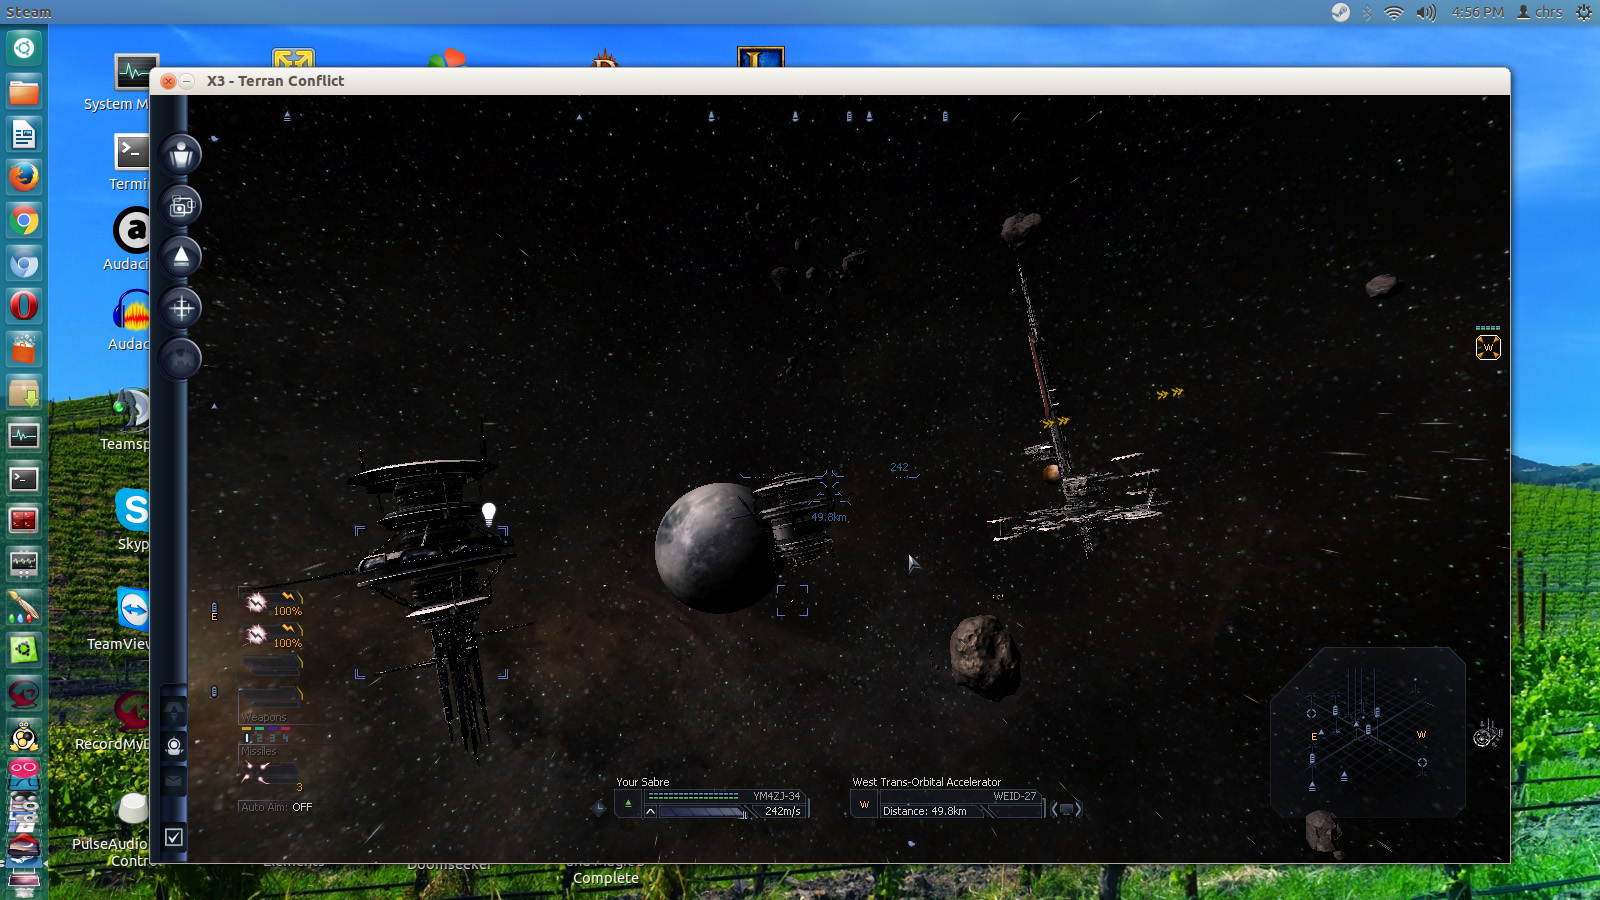 x3_terran_conflict_linux.jpg